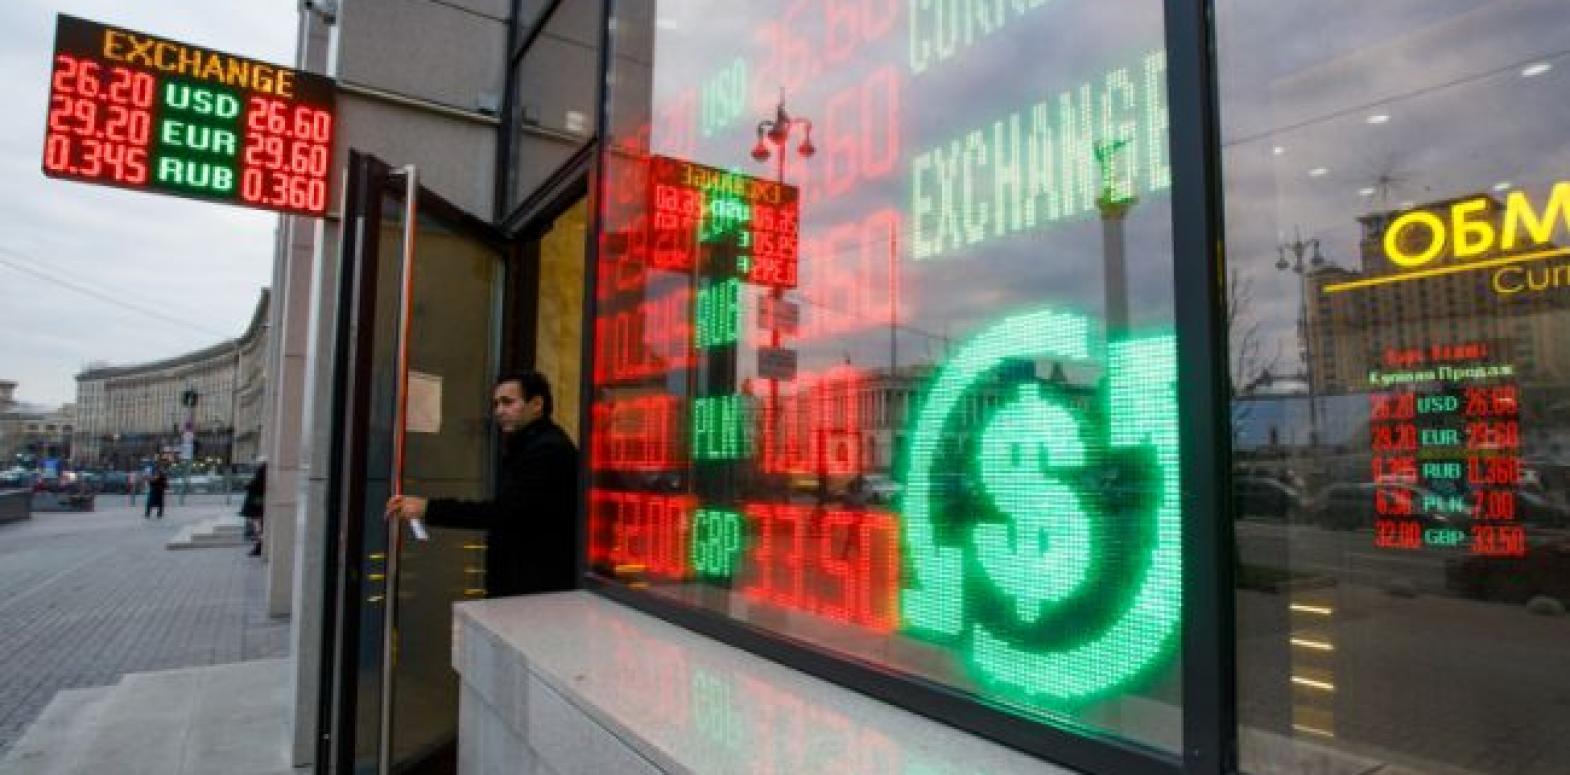 Банки получили от НБУ вторую партию наличных долларов